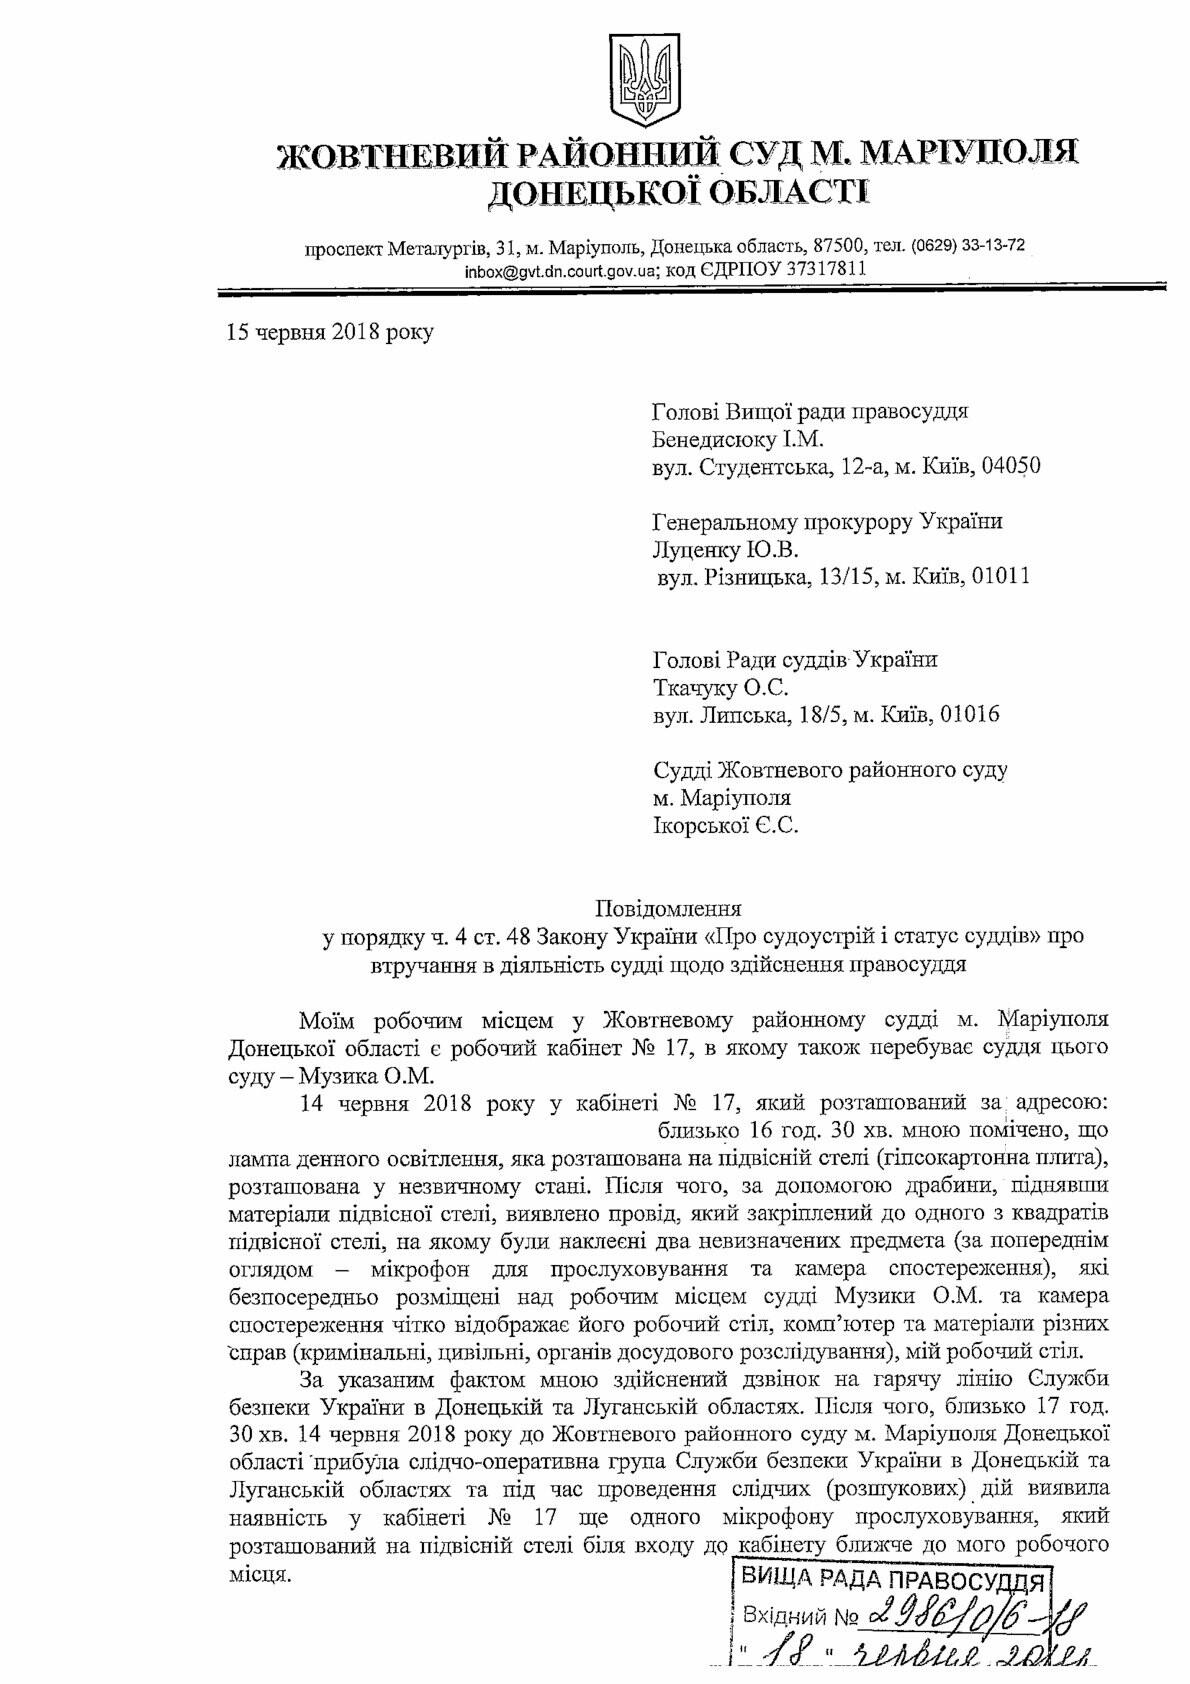 В Жовтневом суде Мариуполя обнаружили шпионскую аппаратуру, - Документ, фото-1